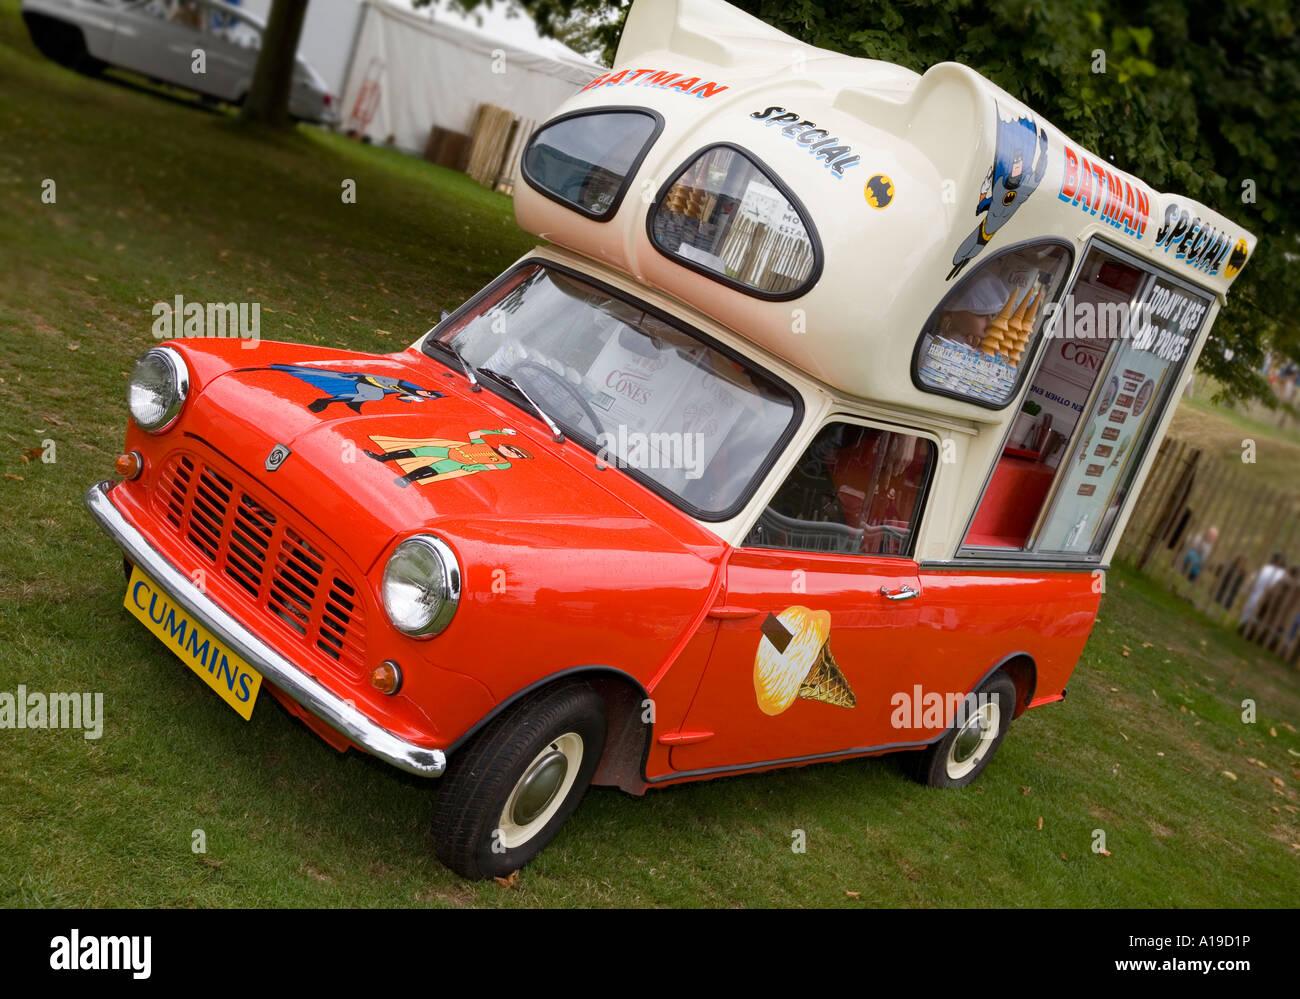 Leyland Mini ice-cream van. Stock Photo